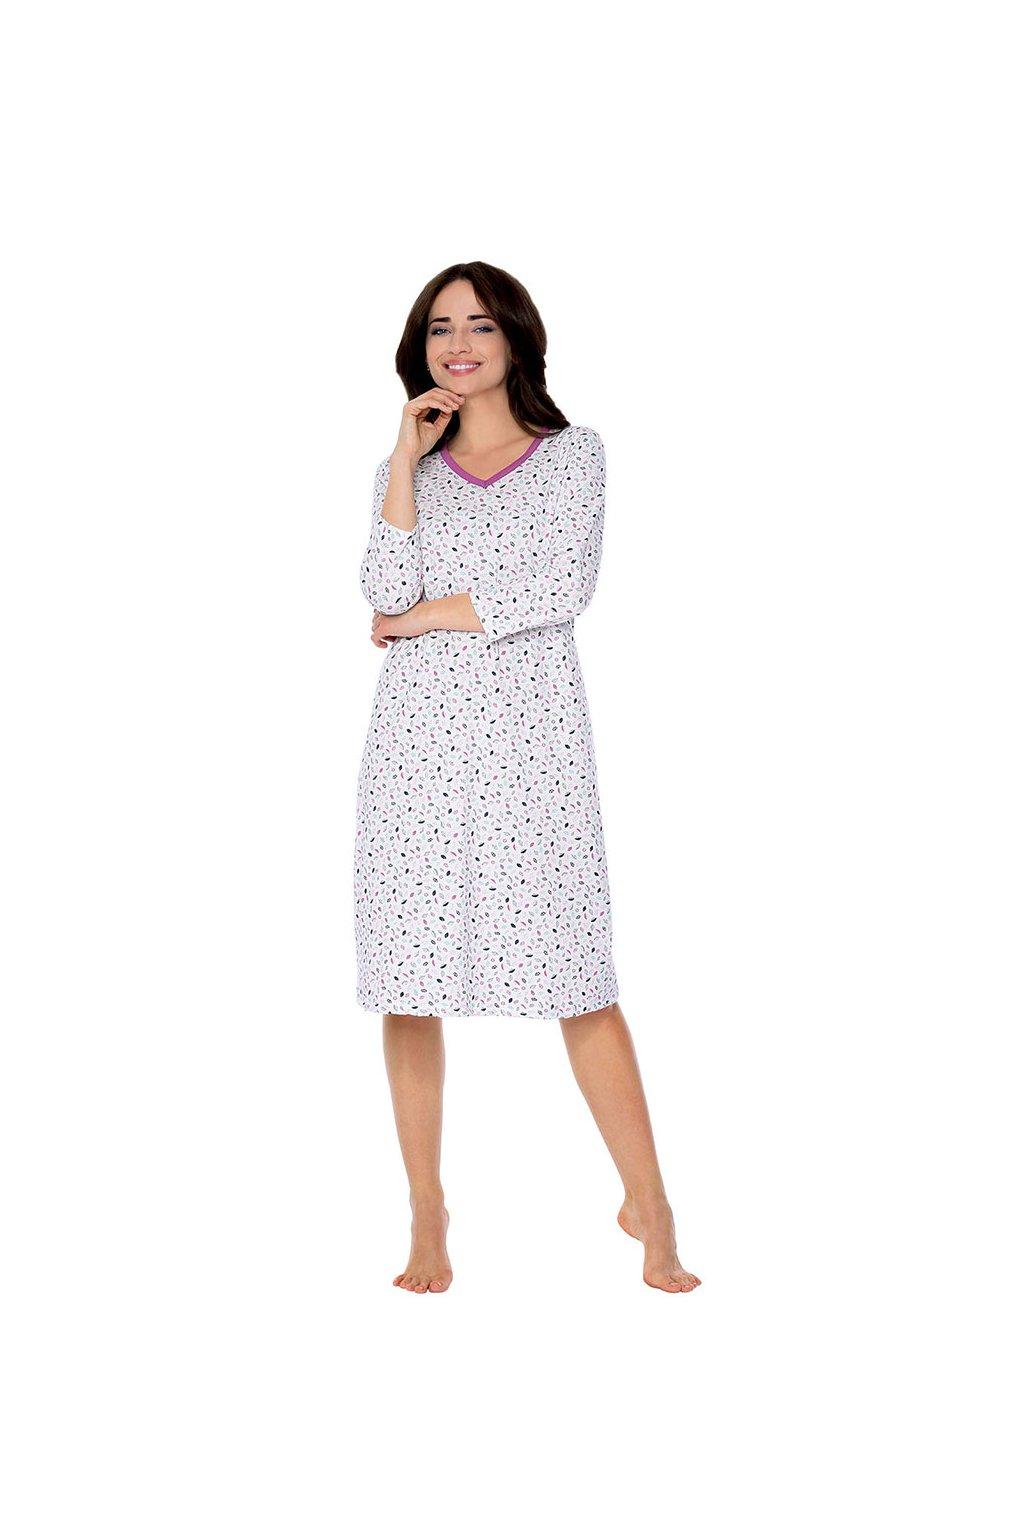 Dámská noční košile s 3/4 rukávem, 104497 245, růžová